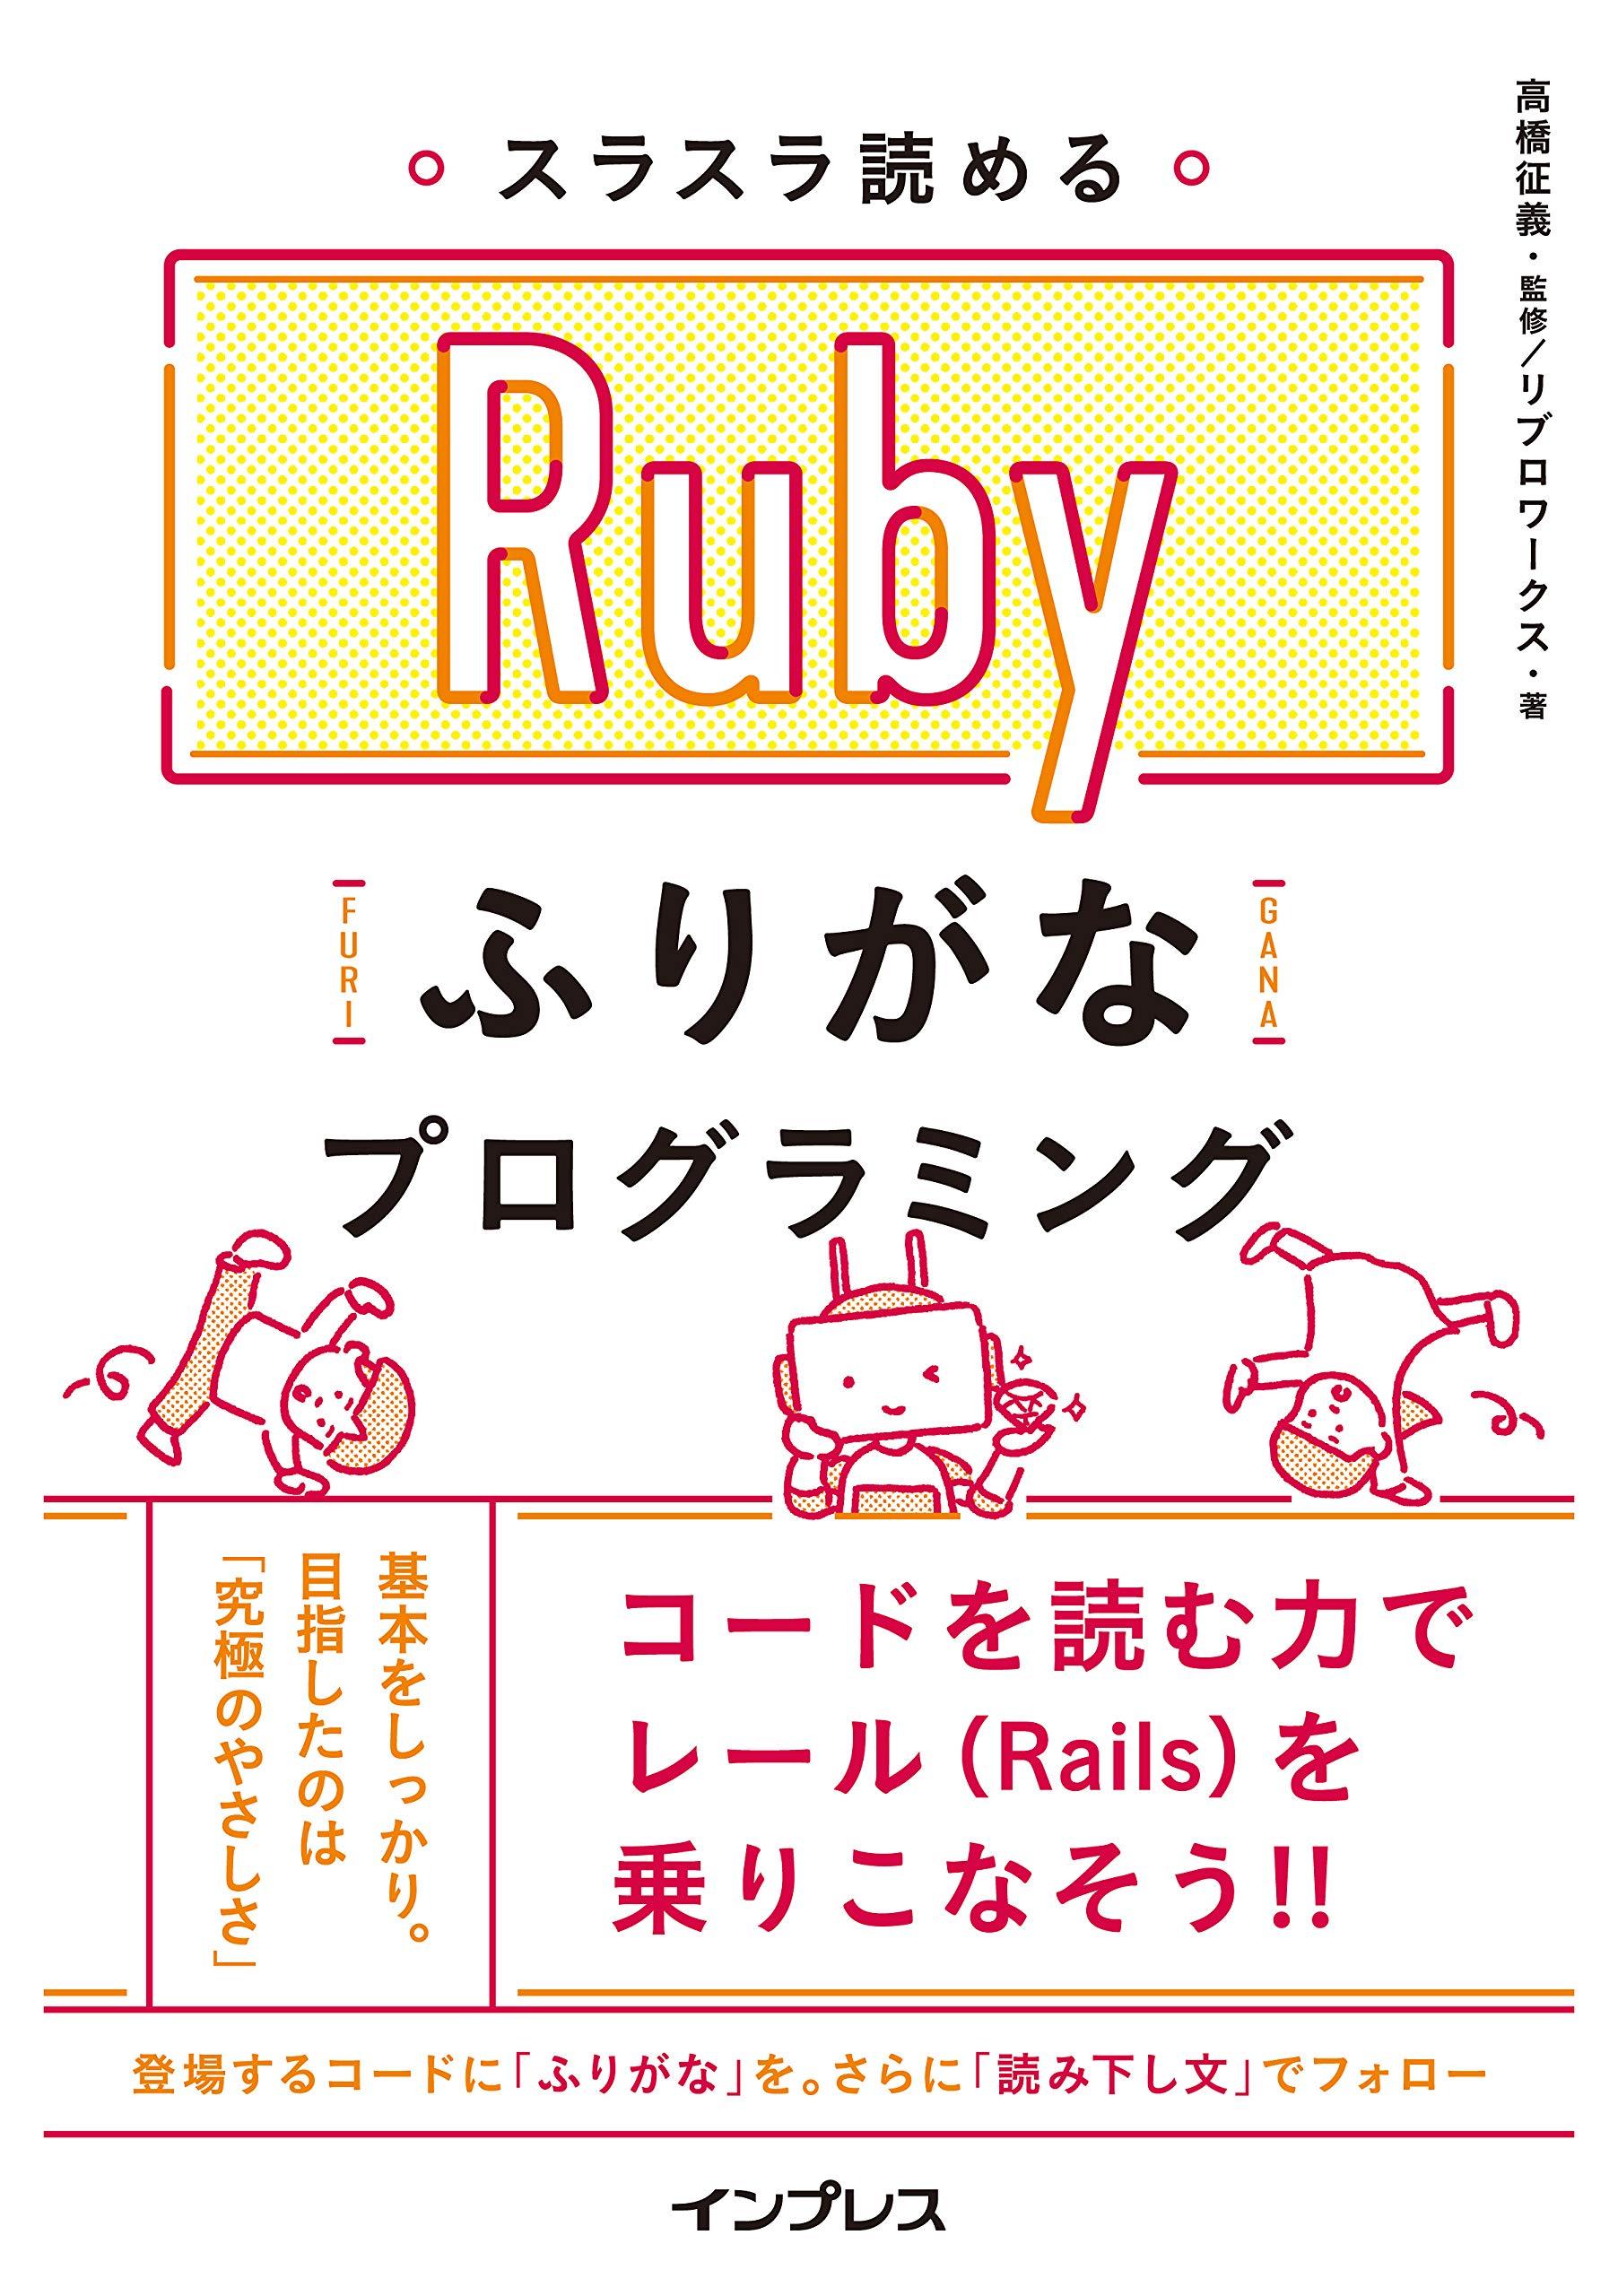 Image of スラスラ読める Rubyふりがなプログラミング